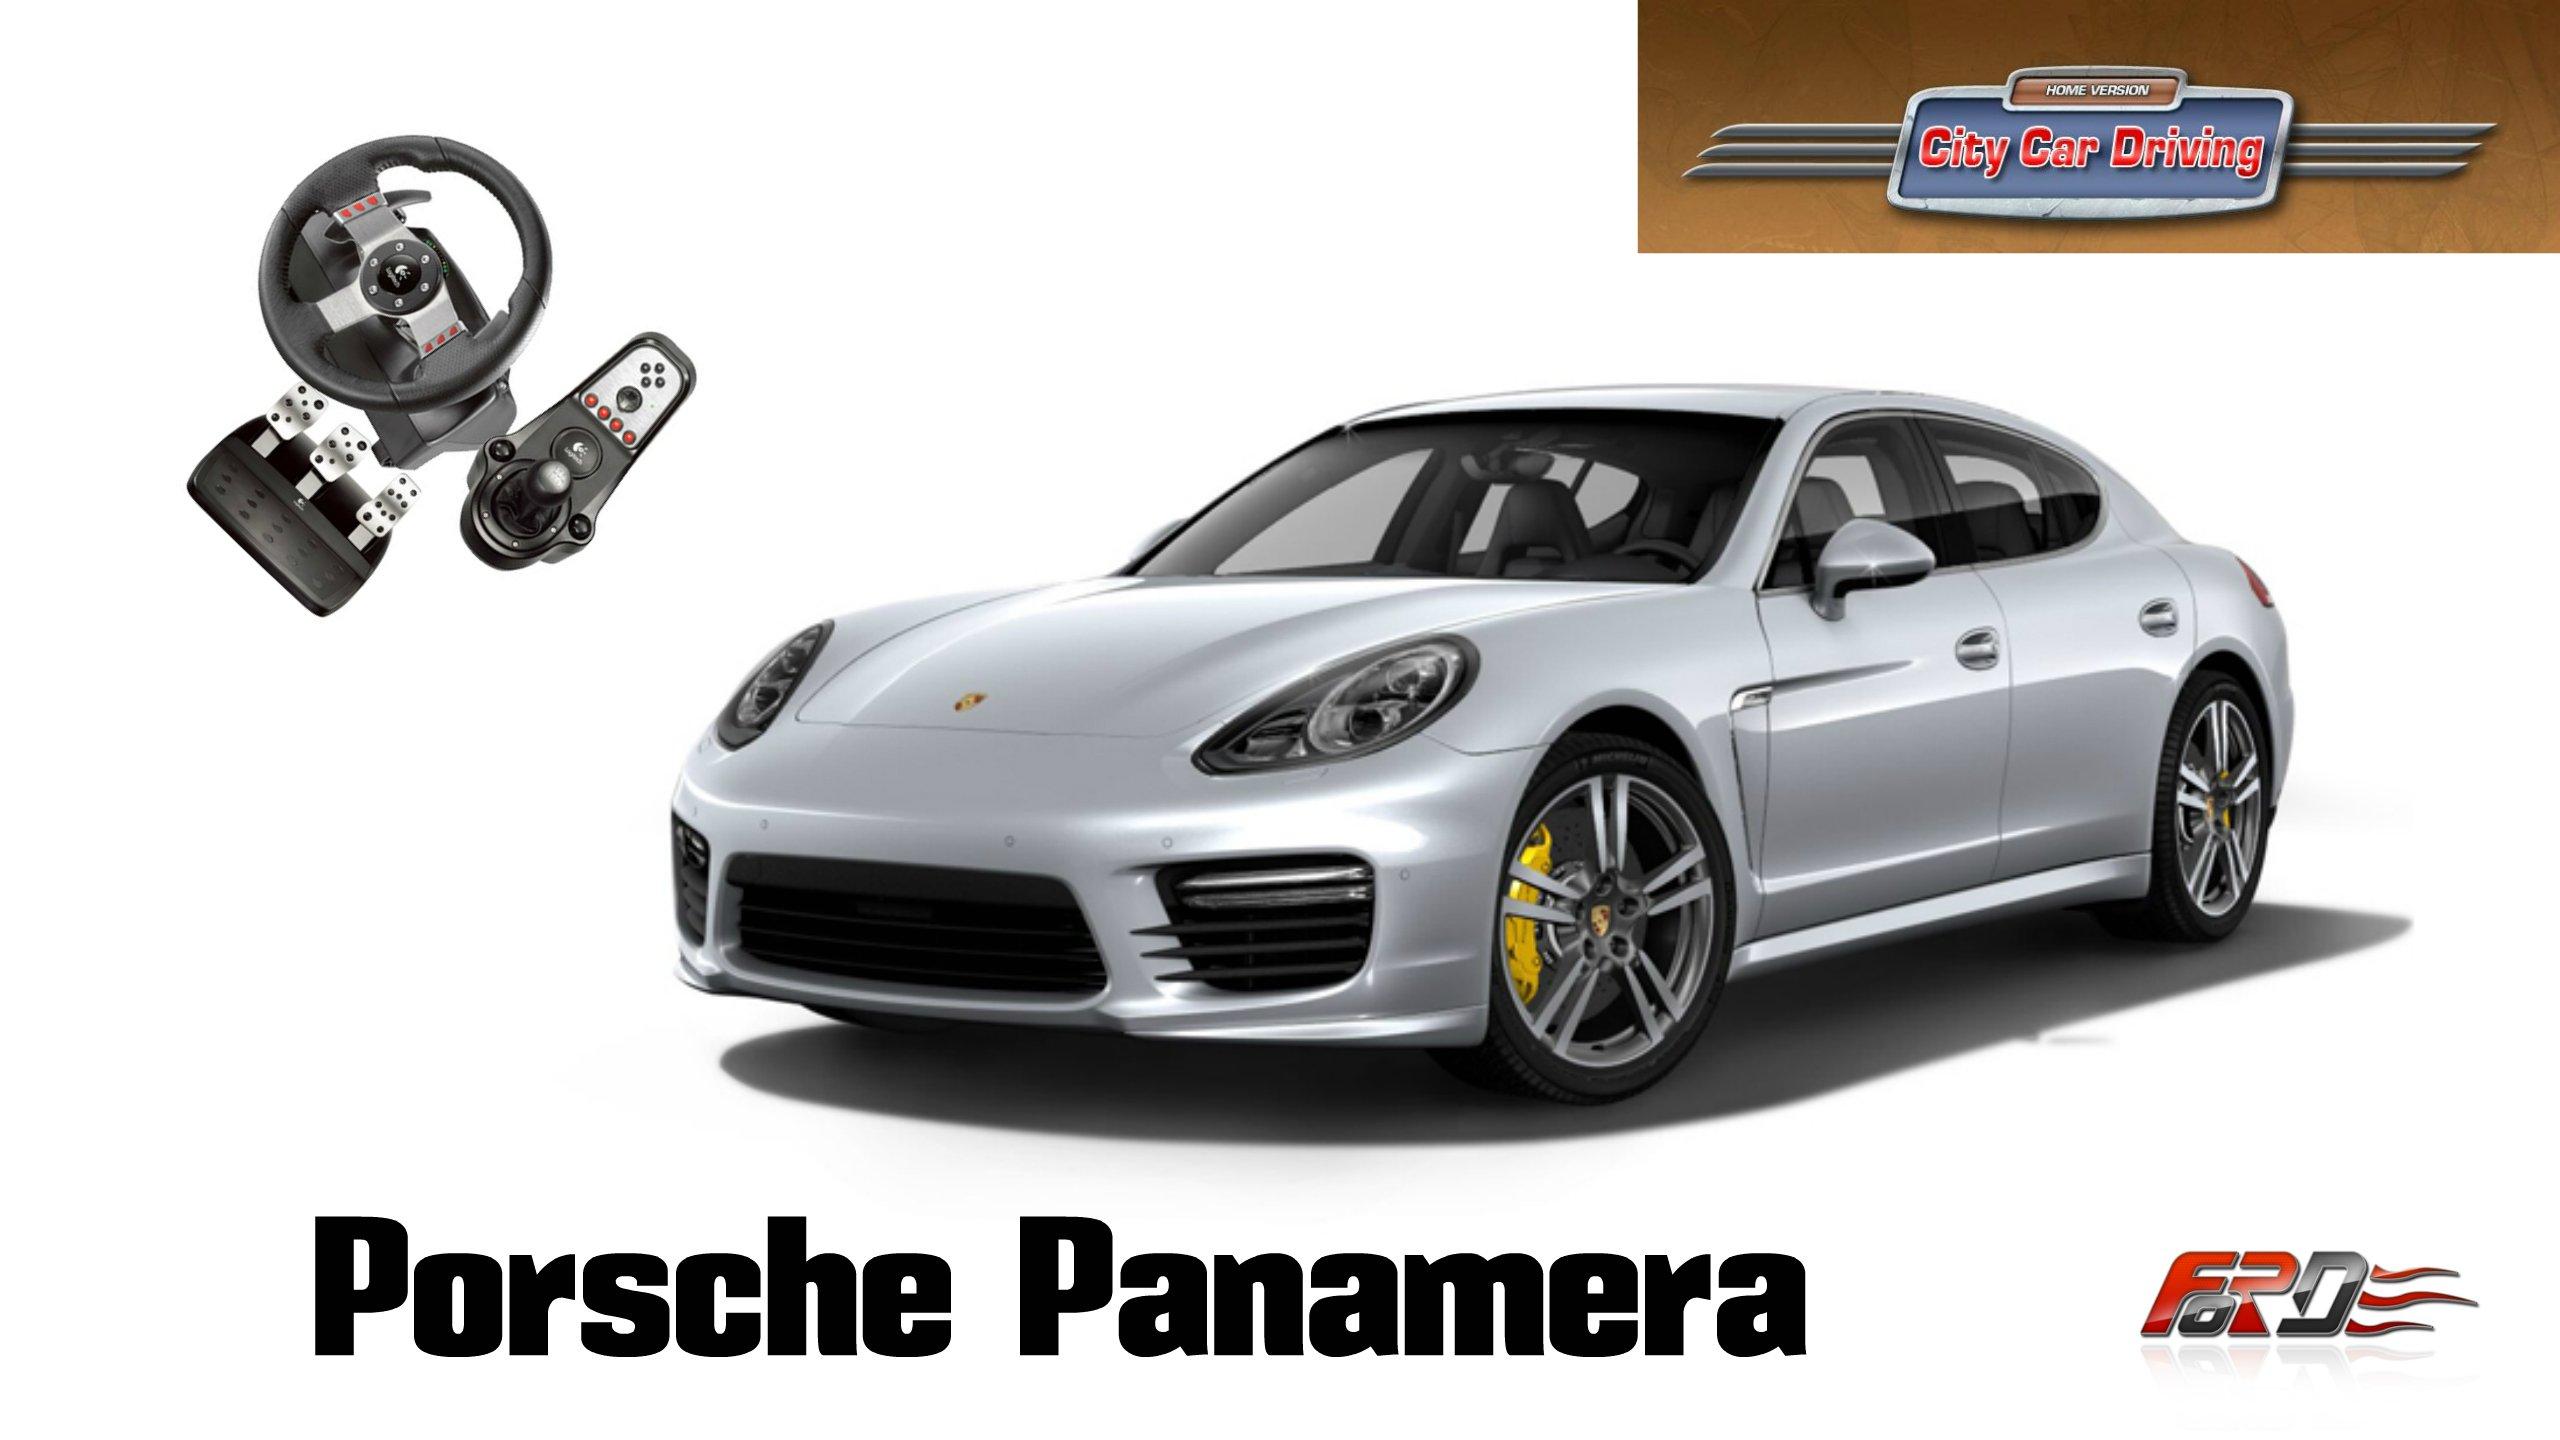 Porsche Panamera - тест-драйв, обзор, динамика и разгон премиум авто в City Car Driving. - Изображение 1